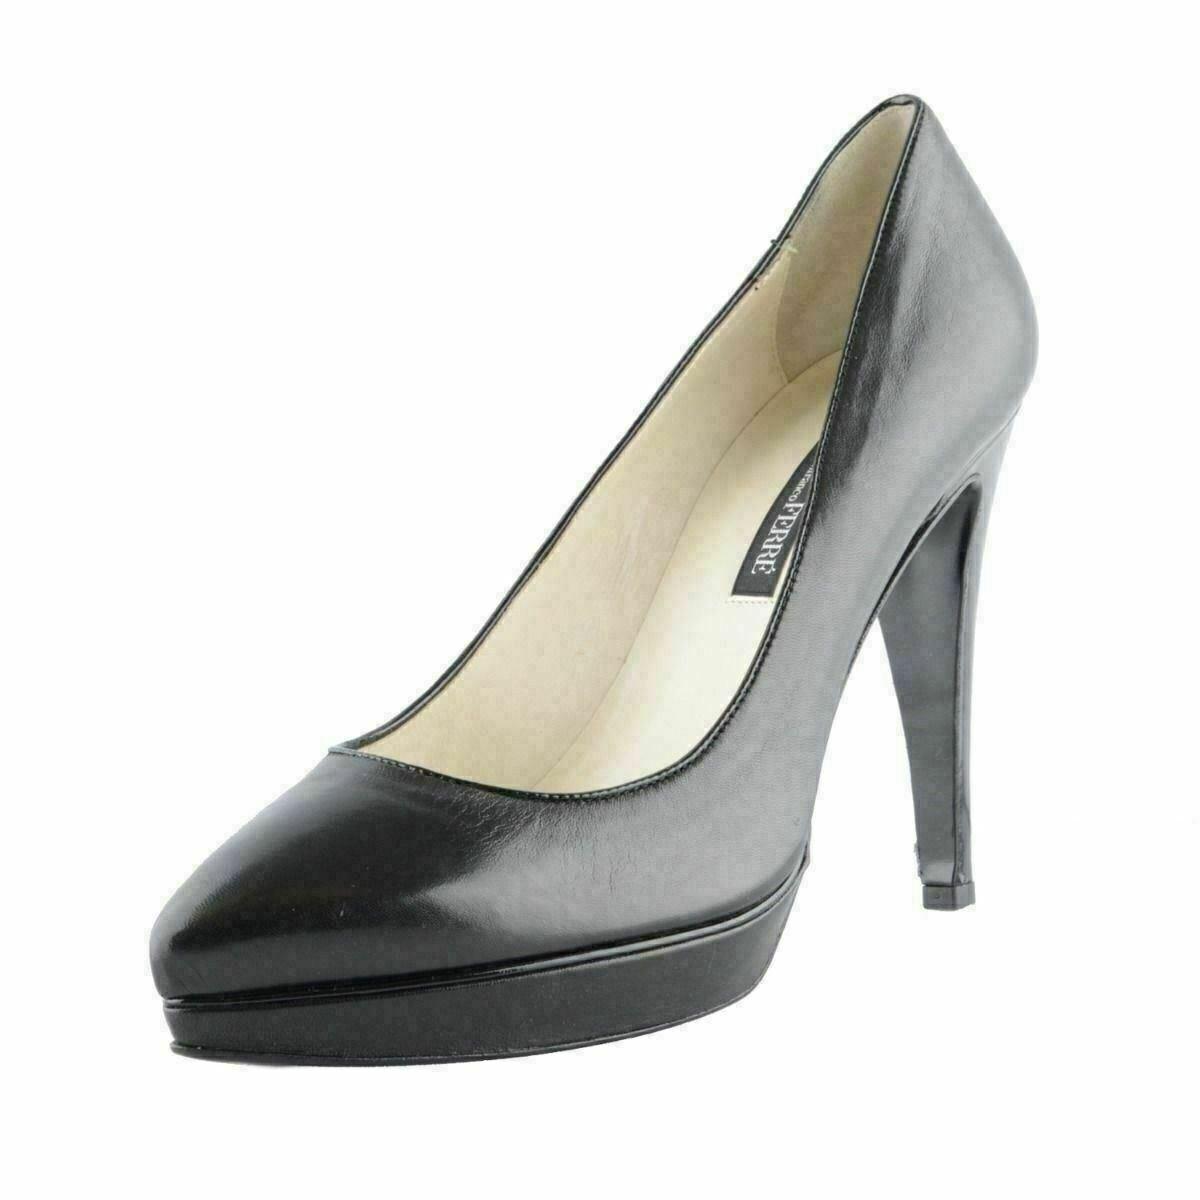 Gianfranco Ferre femmes Cuir noir Plateforme Haut Talon chaussures Plates Us 6